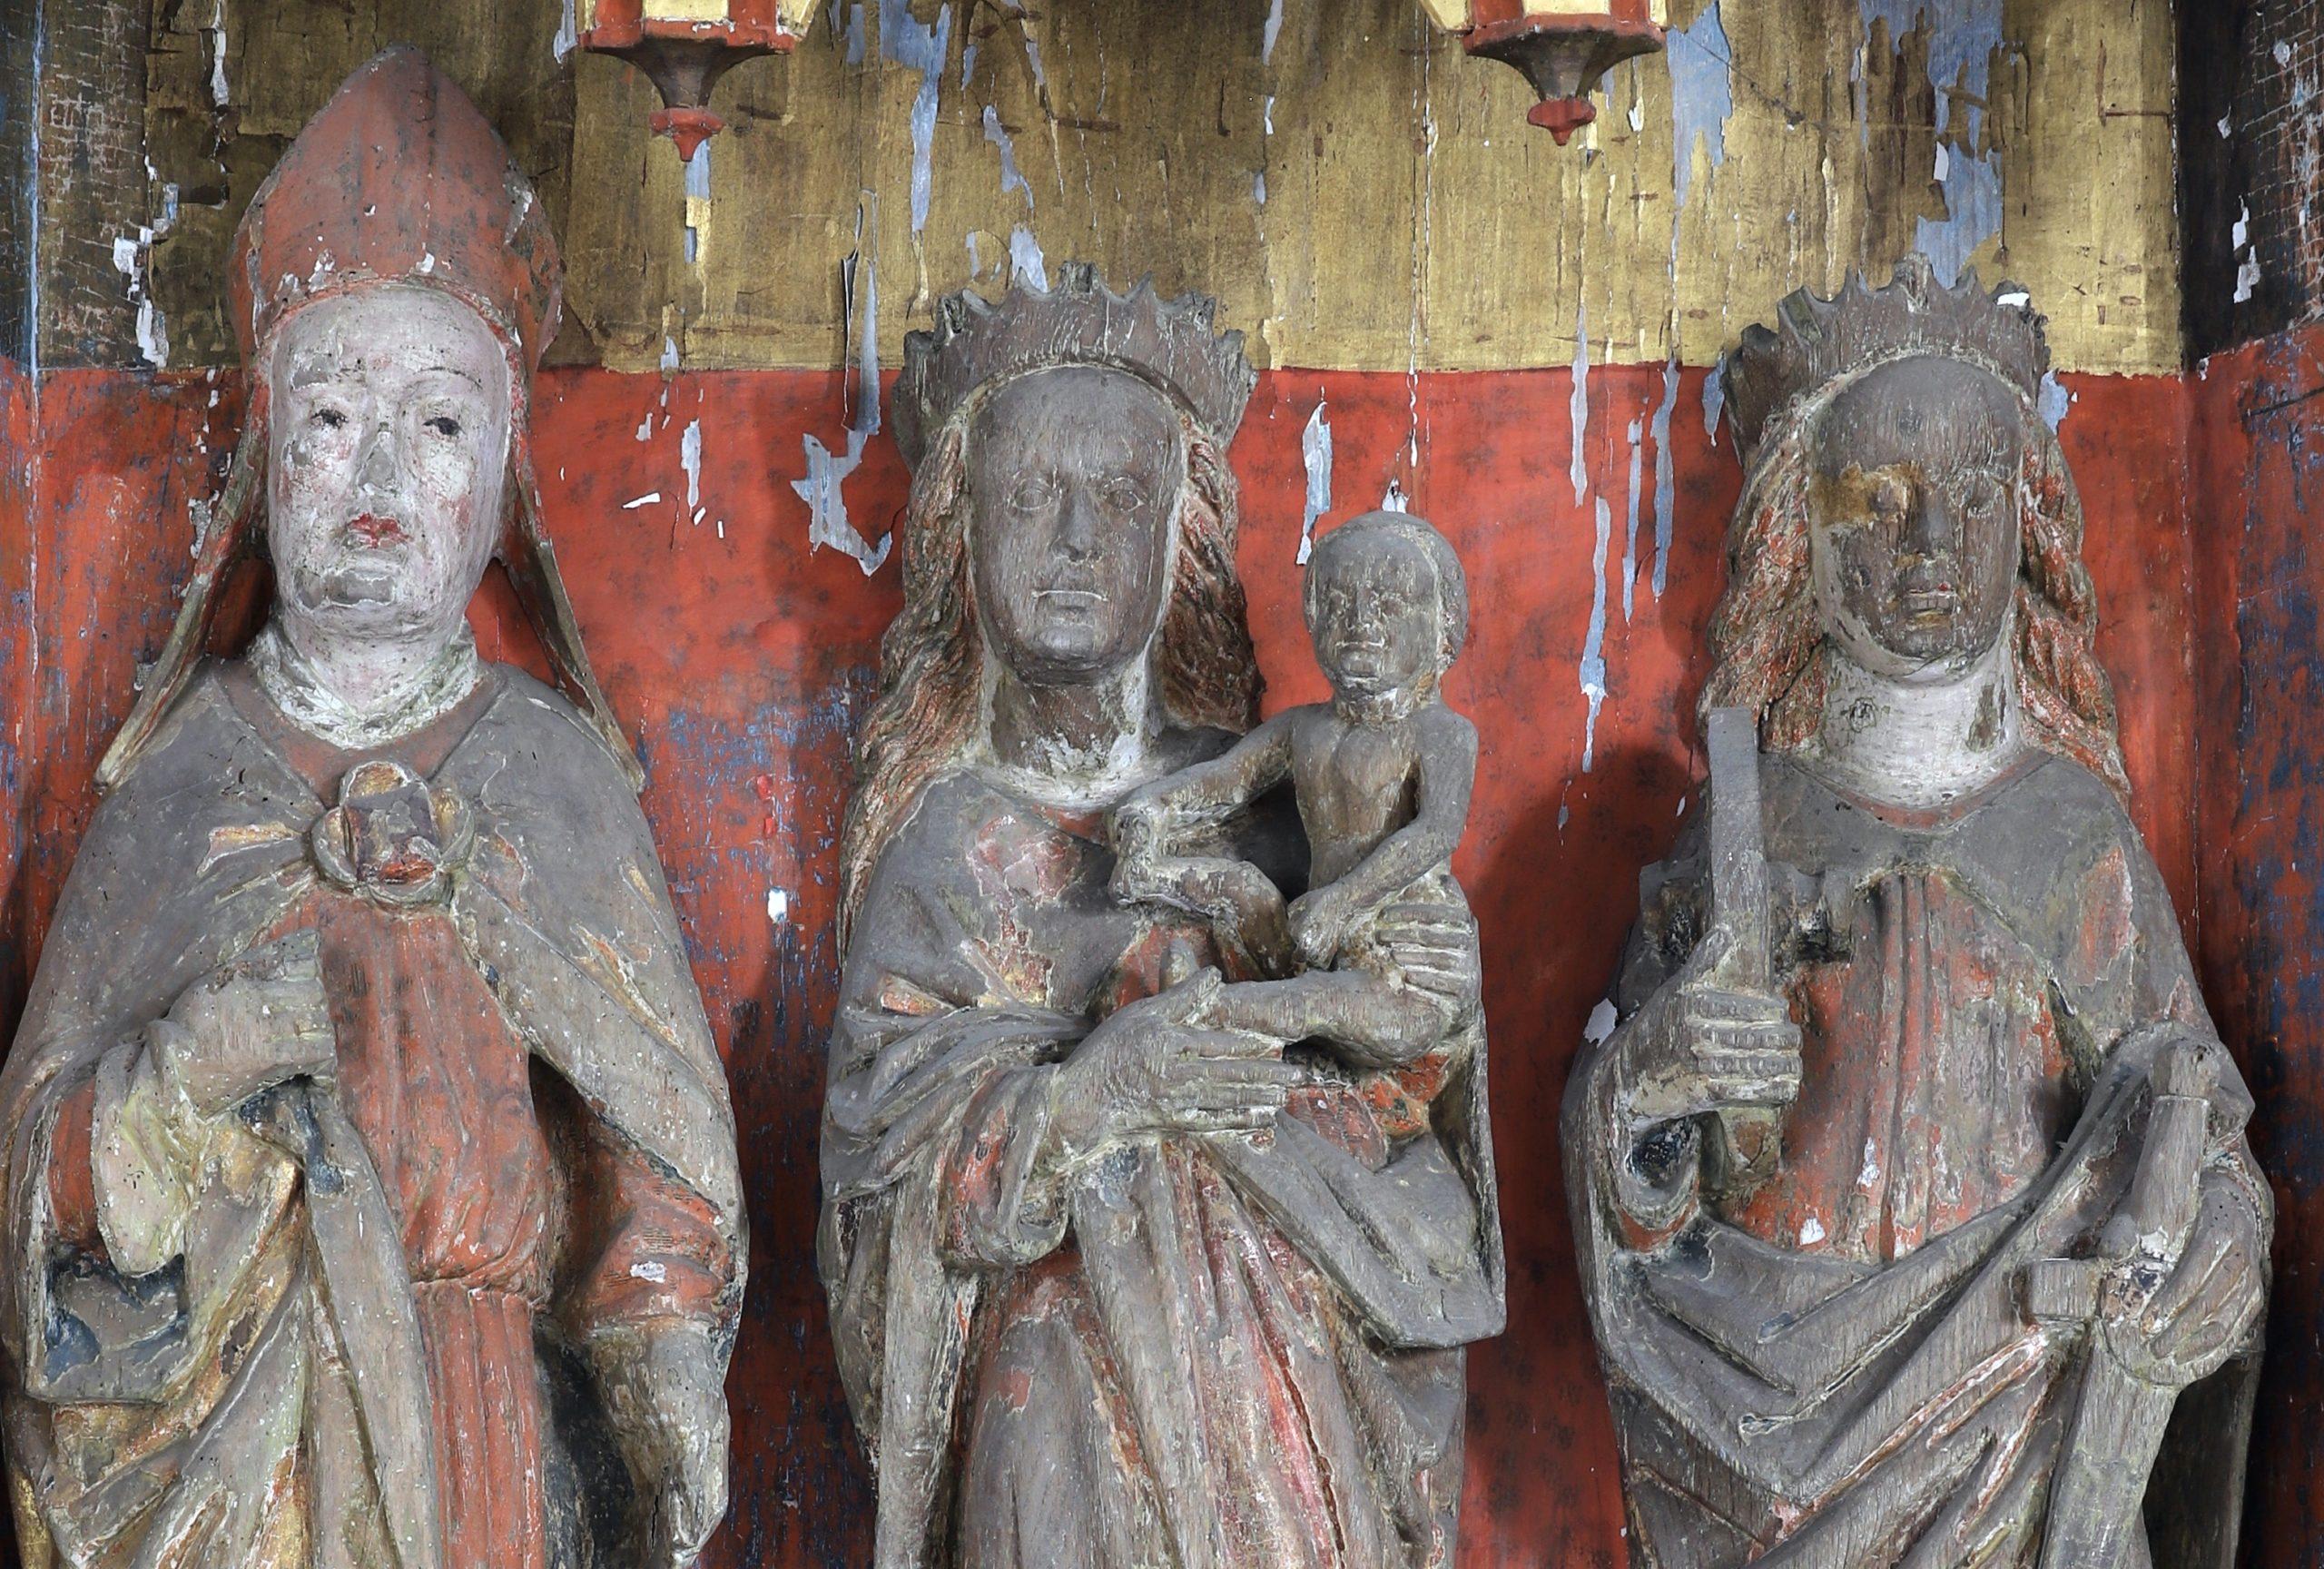 Flügelretabel, Stuer, spätmittelalterliche Kreuzigungsszene, Mittelnische des Schreins, Detail